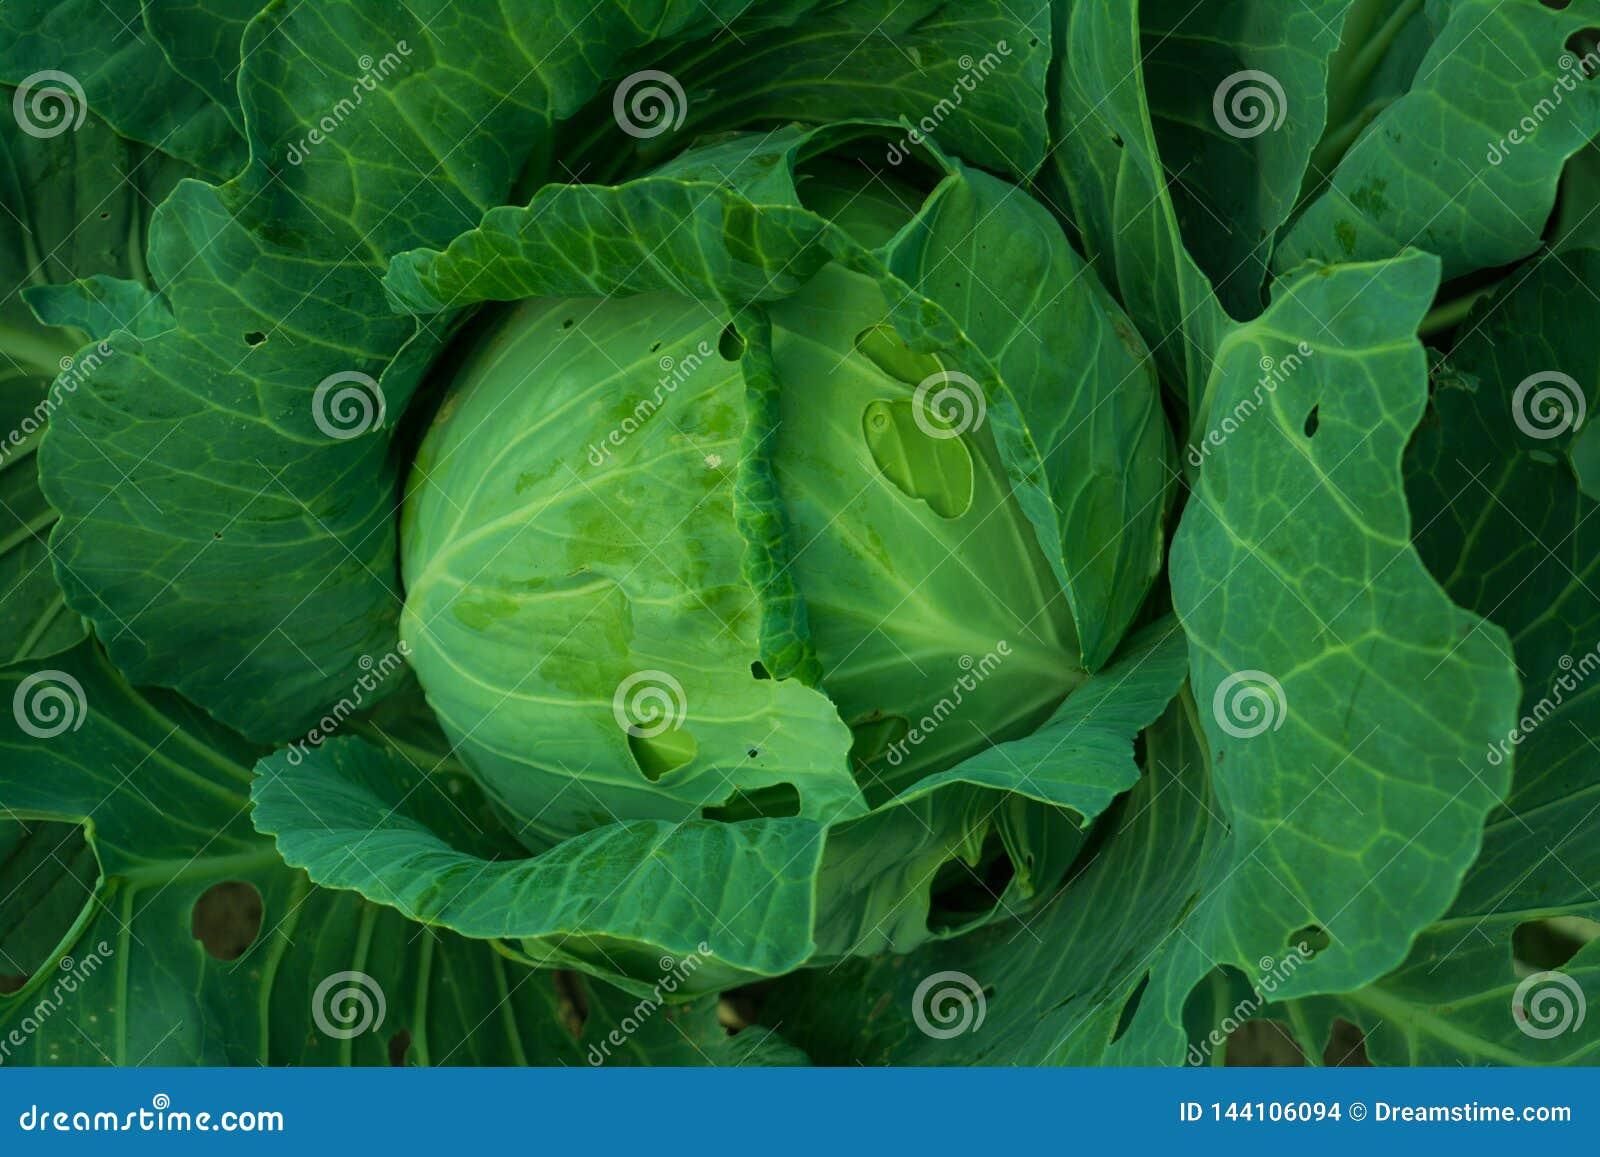 生长在菜床上的圆白菜头